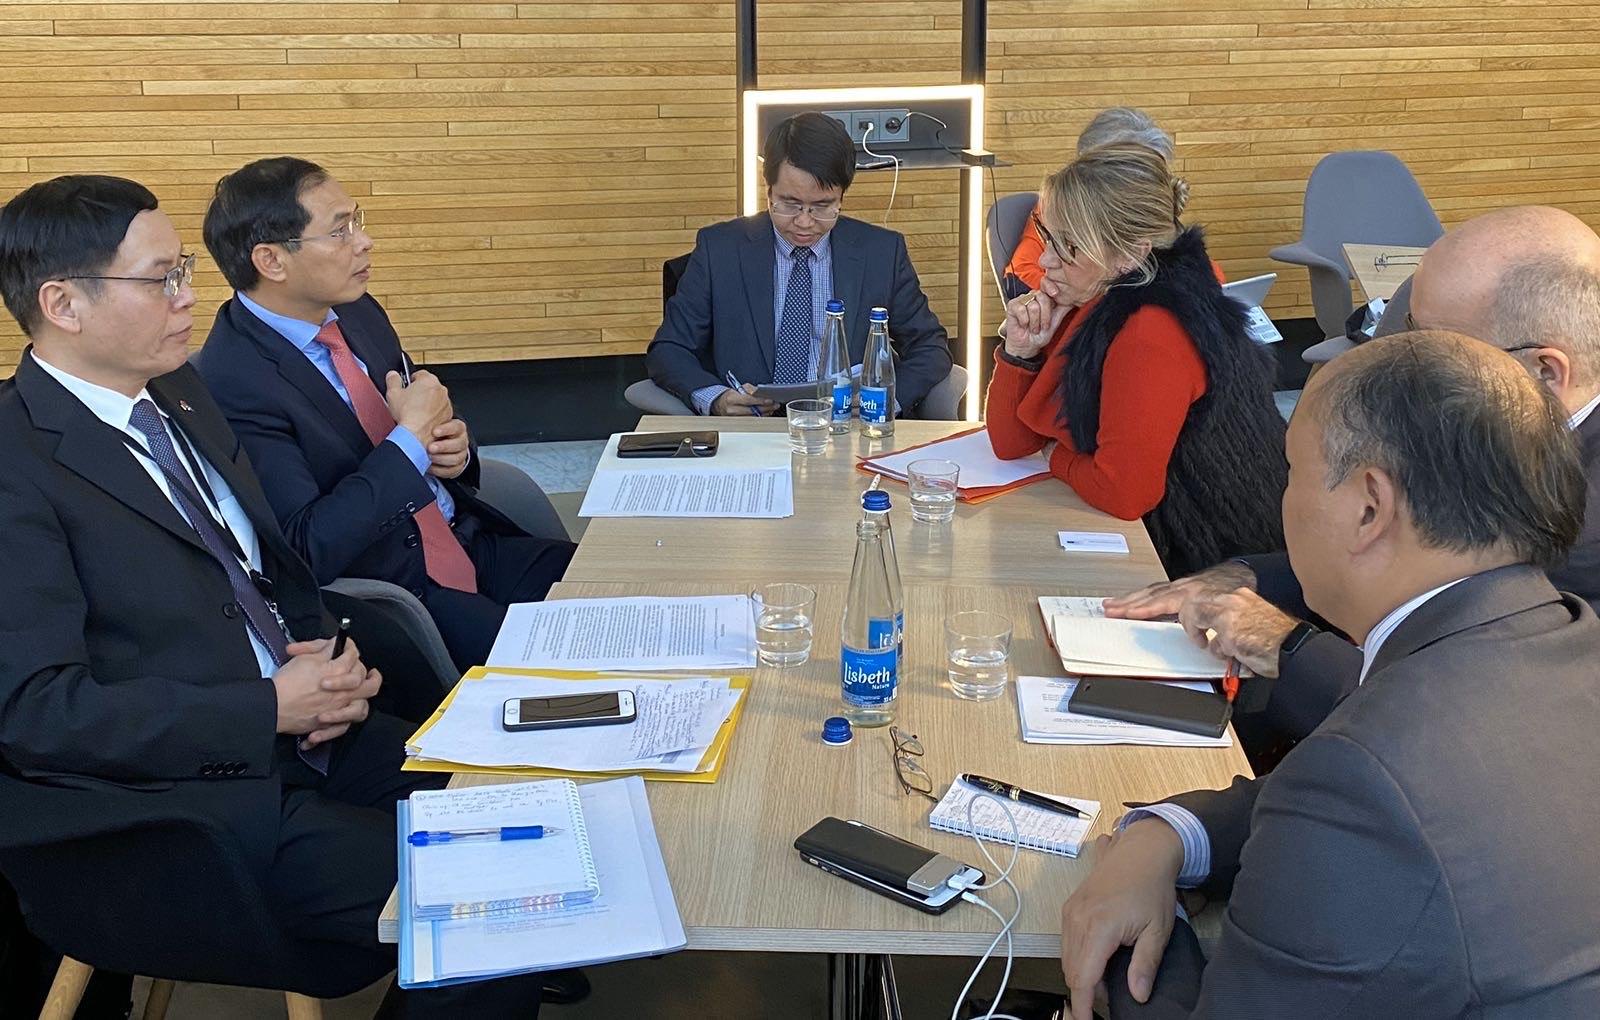 Thúc đẩy quan hệ chính trị và kinh tế-thương mại Việt Nam - EU